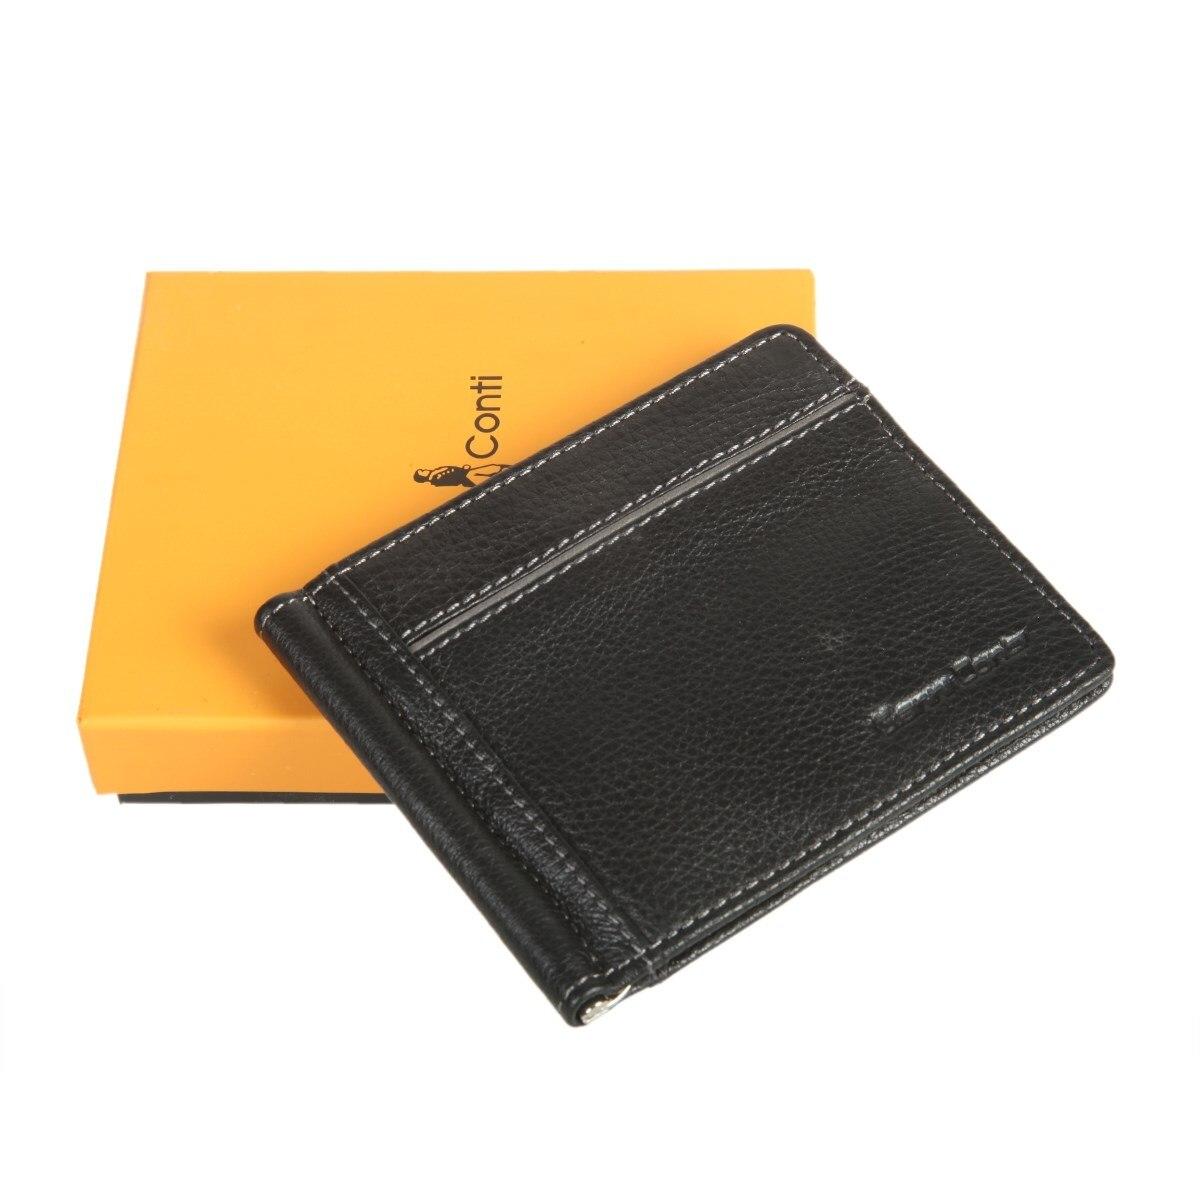 Money clip Gianni Conti 1817466 black money clip gianni conti 2187466 black